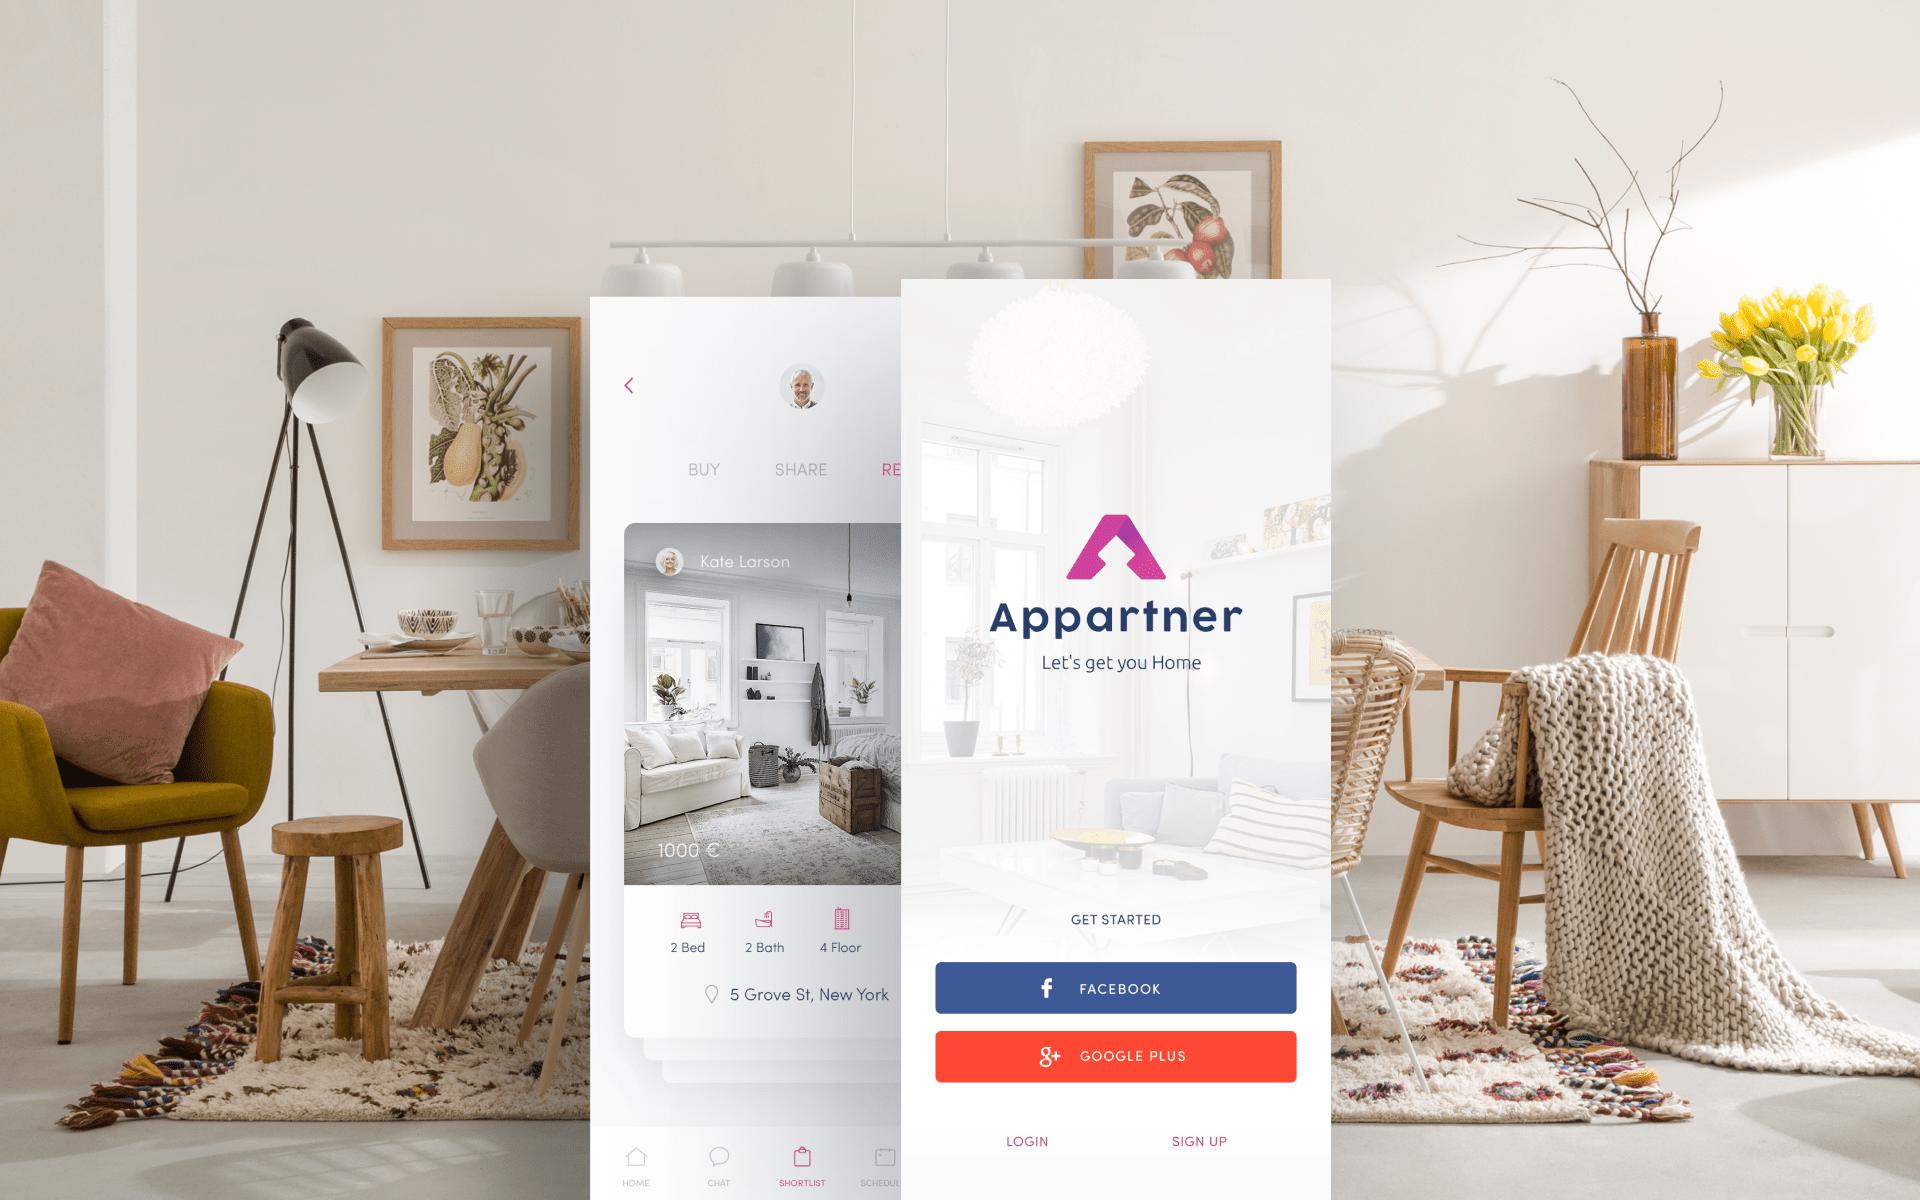 appartner_hero